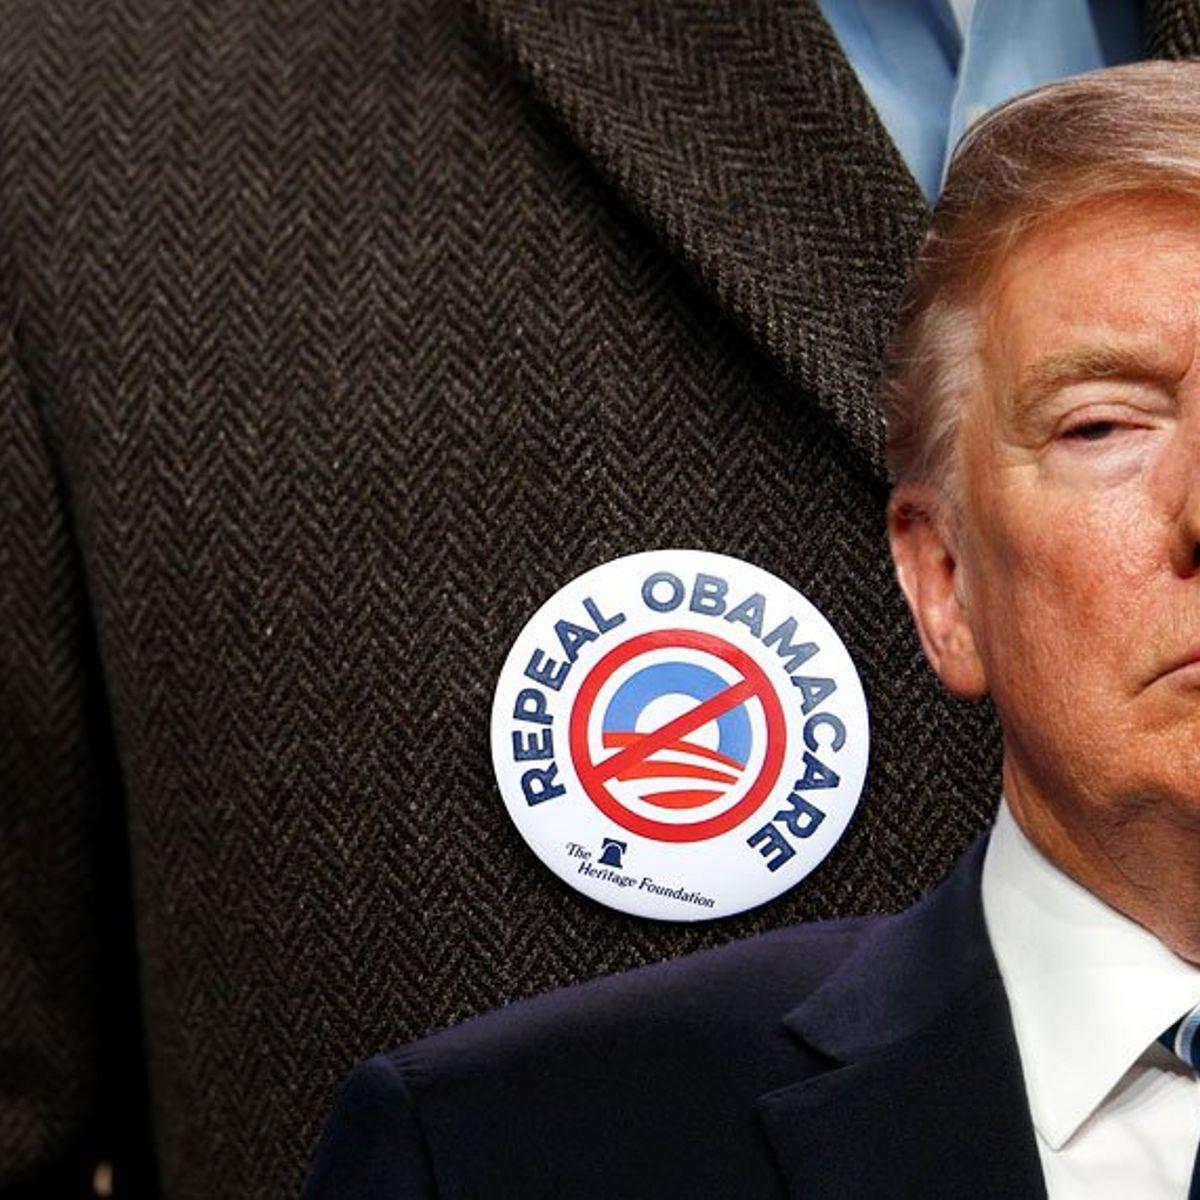 Chính quyền Tổng Thống Trump từ chối mở cửa ghi danh mua bảo hiểm y tế Obamacare